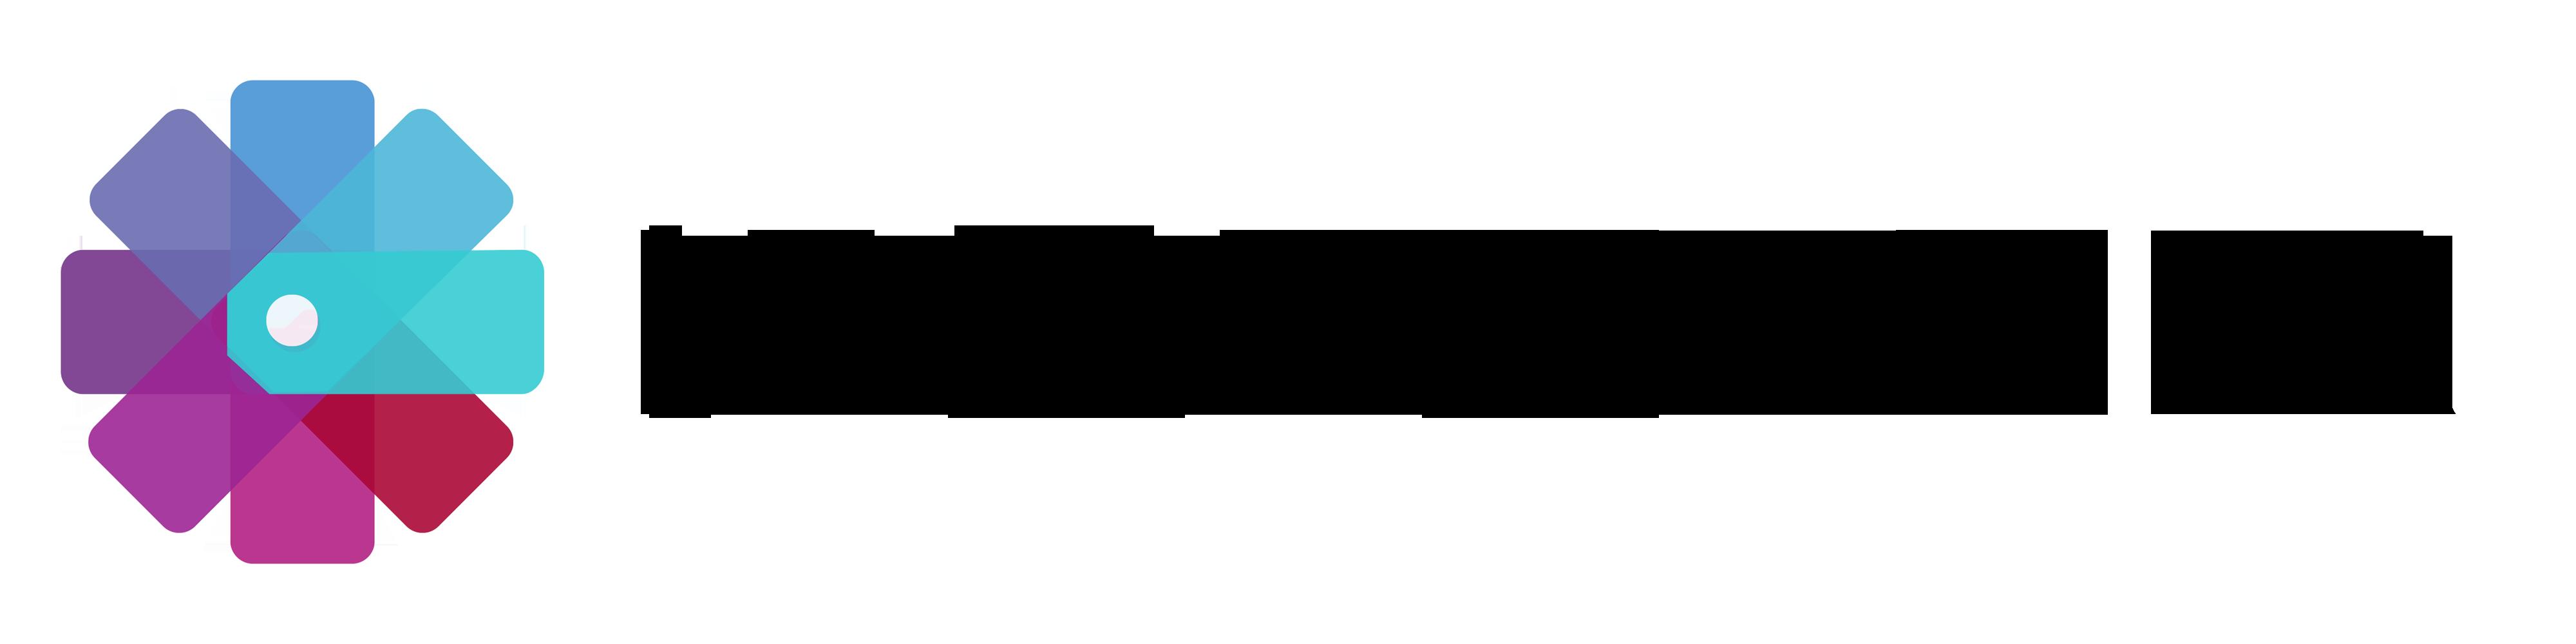 Kickfurther_logo_transparent